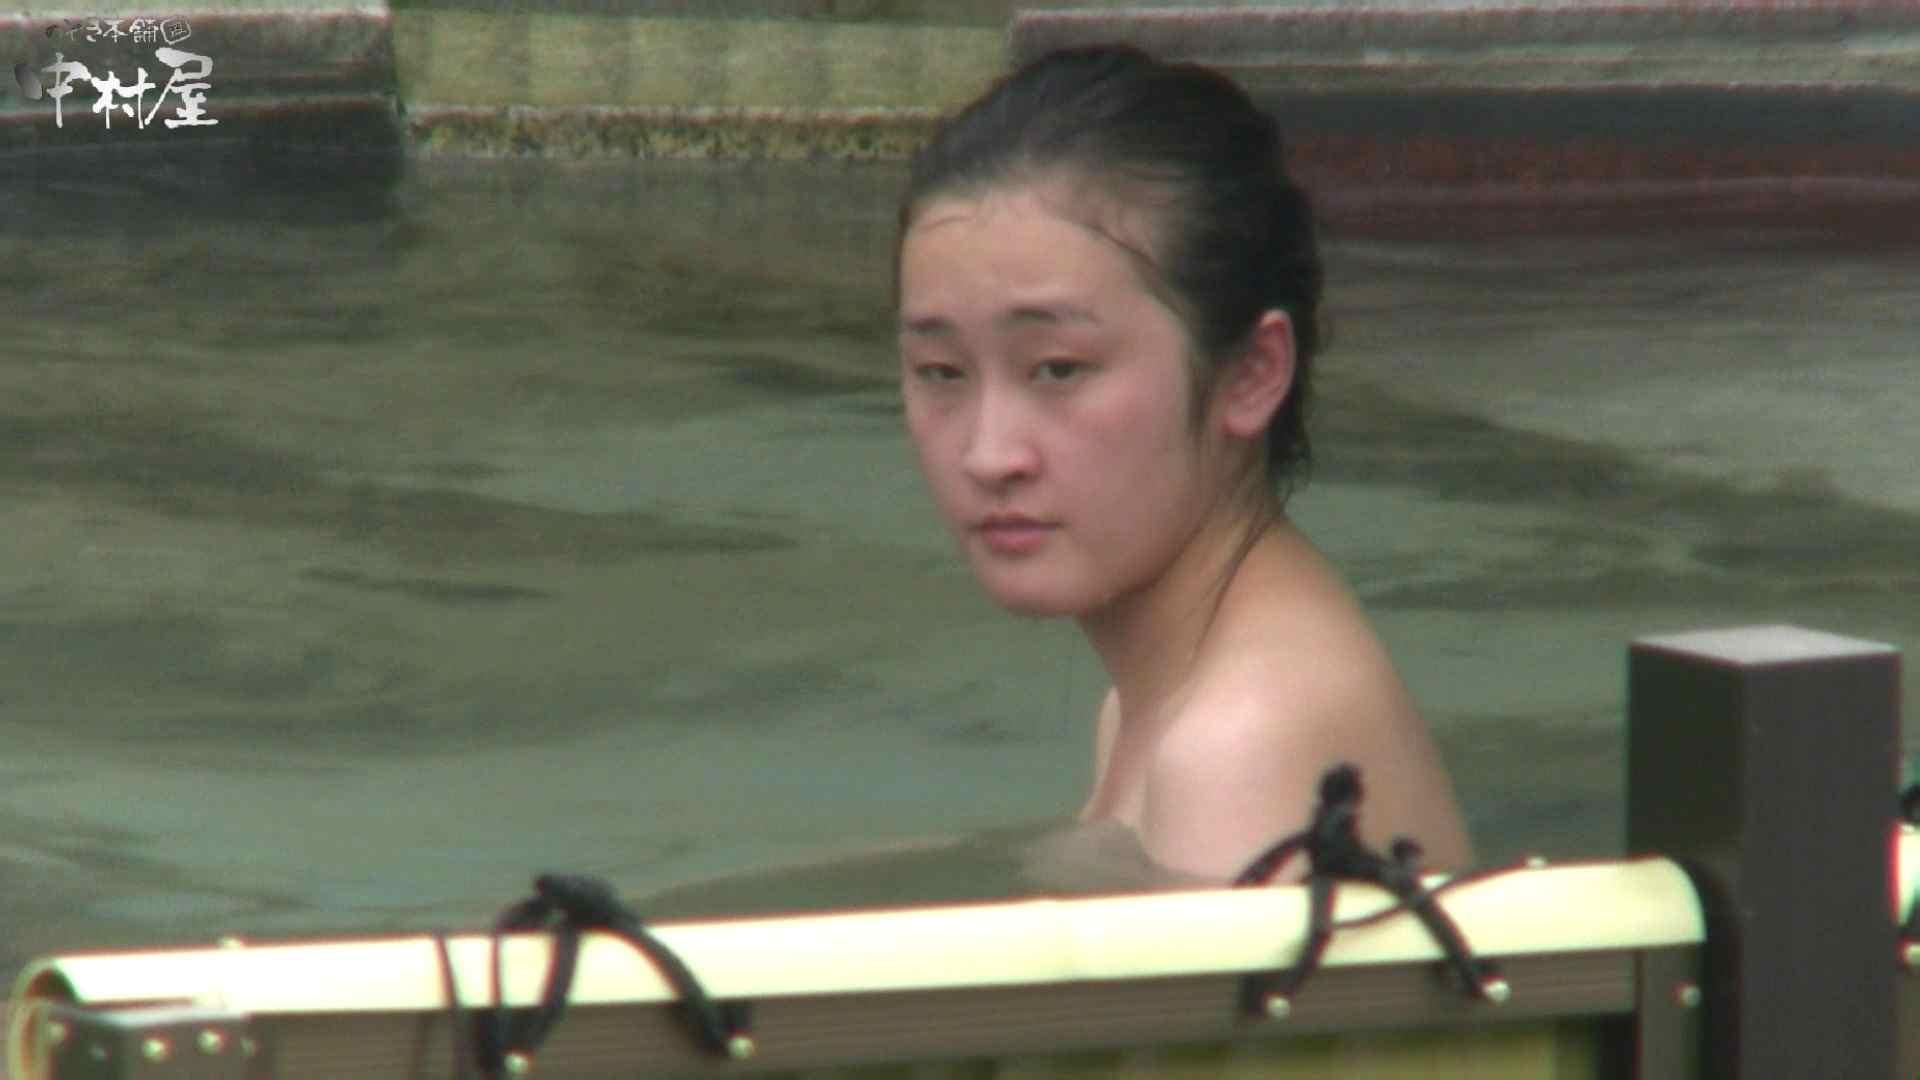 Aquaな露天風呂Vol.949 OLすけべ画像  39連発 24